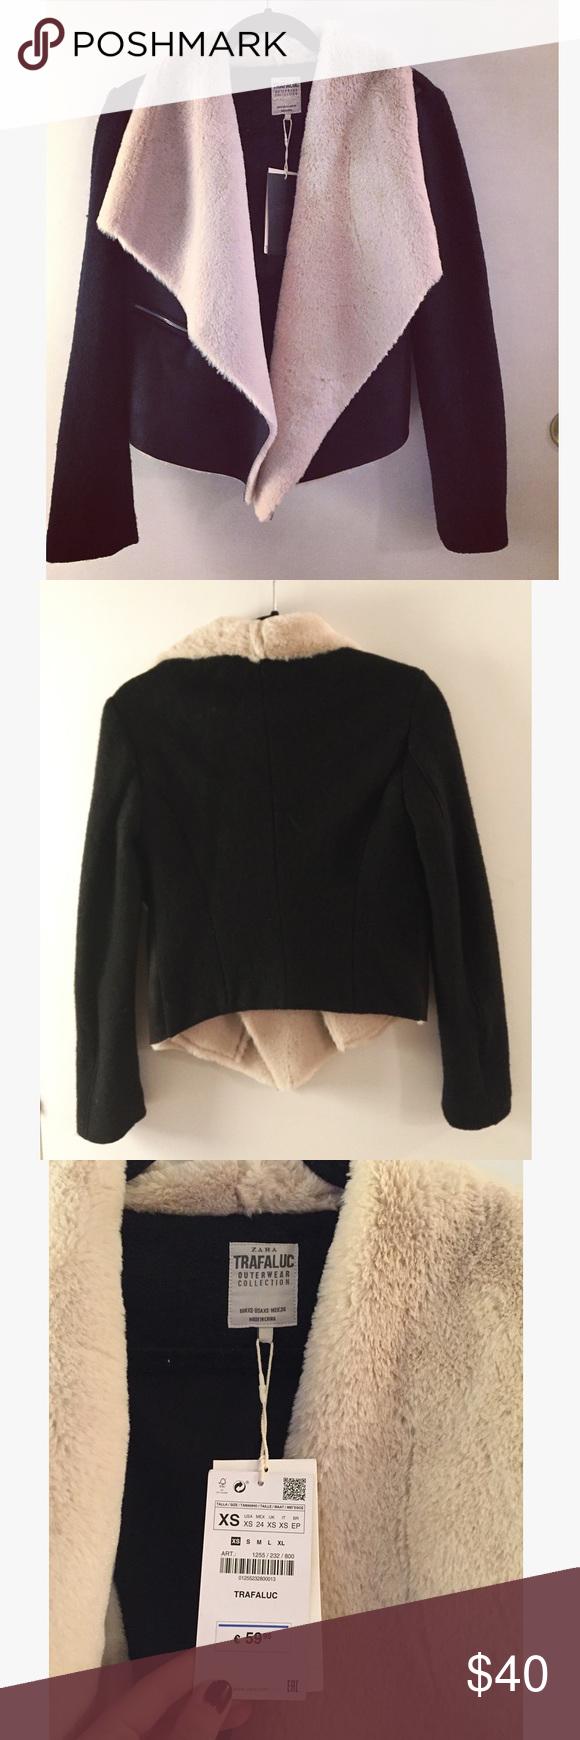 Zara Faux Fur jacket Zara winter faux fur jacket. Zara Jackets & Coats